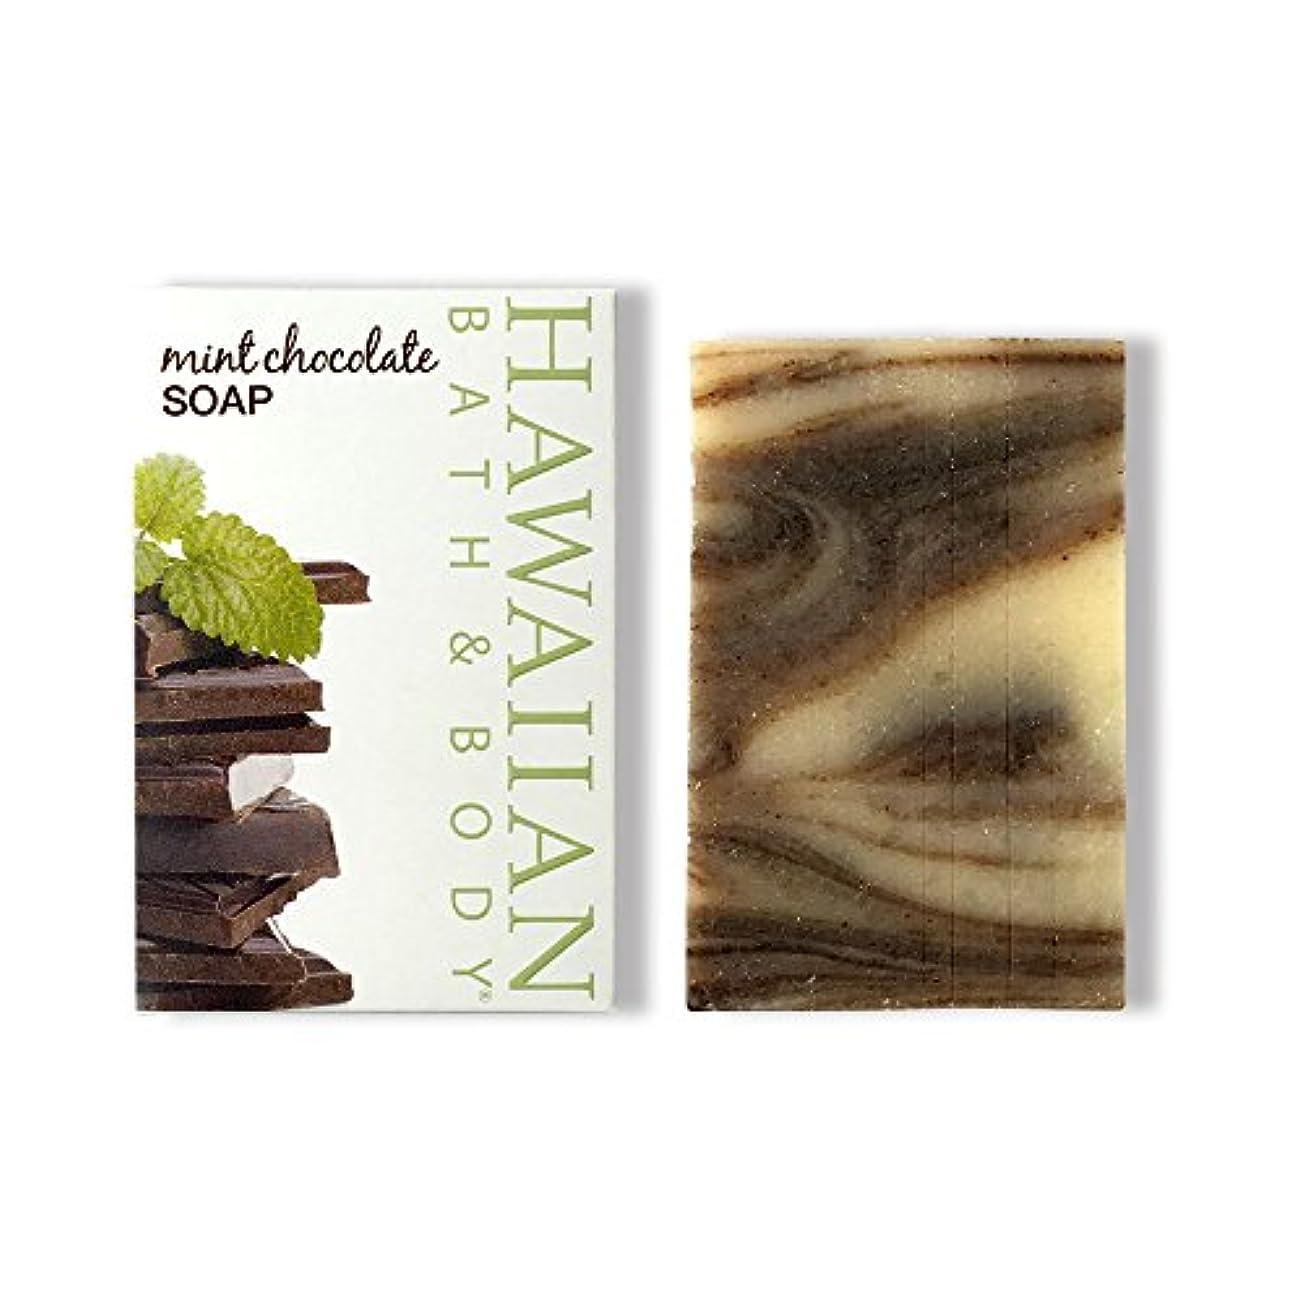 社会主義者動揺させる珍しいハワイアンバス&ボディ ハワイアン?ミントチョコレートソープ ( Hawaii Mint Chocolate Soap )